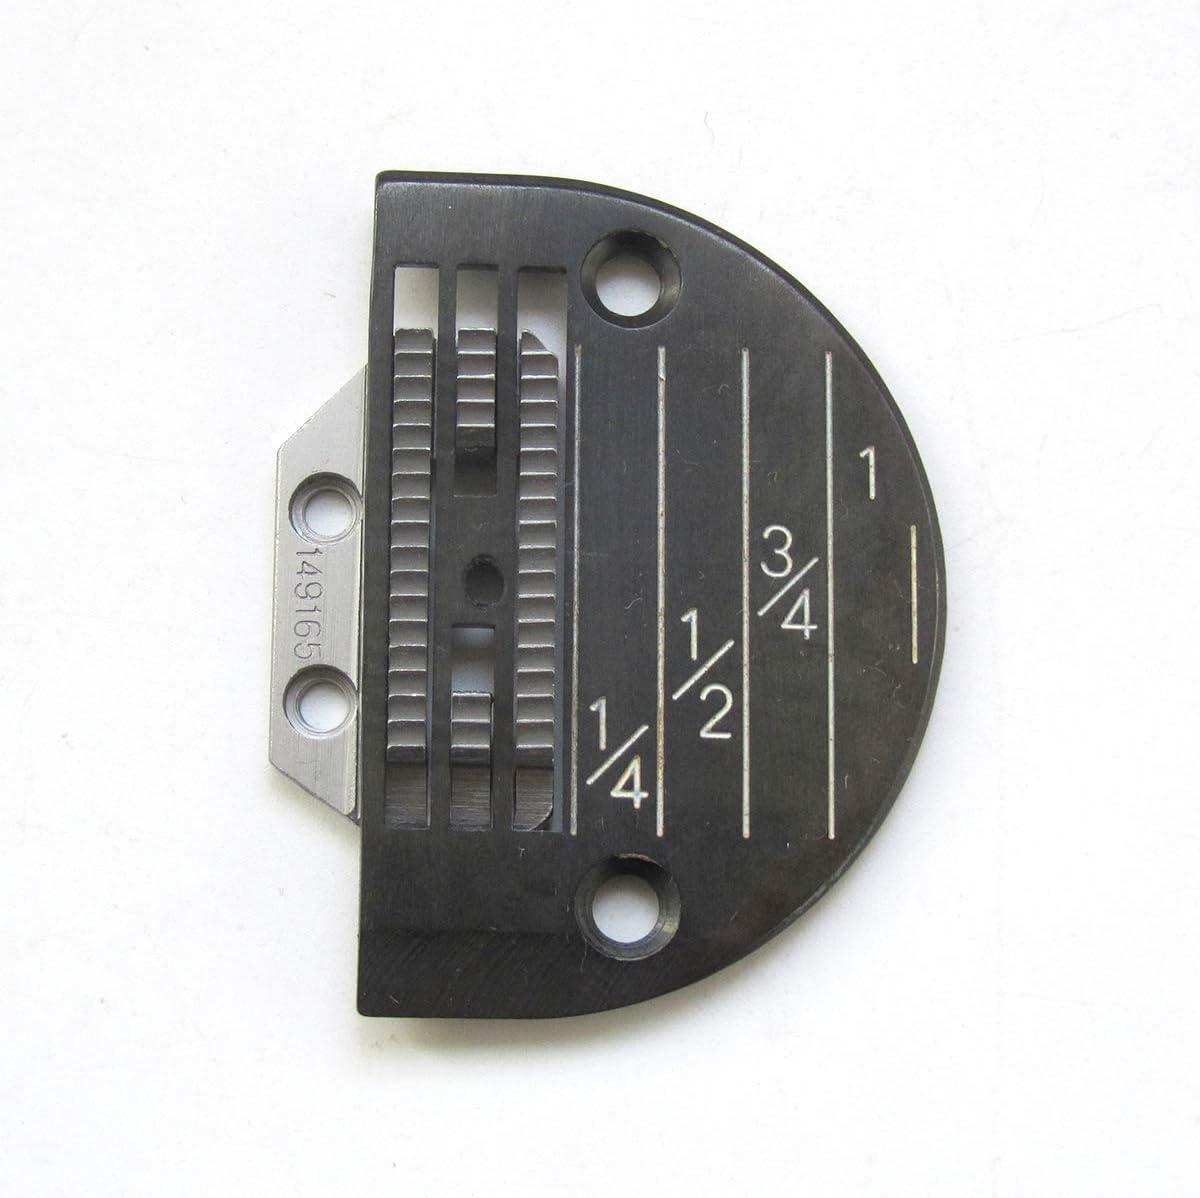 KUNPENG - # 149165 + 143169LGB 1conjunto placa de aguja Y máquina de coser diente apto para Singer 31-15 Máquina pesada de COSER TRABAJO